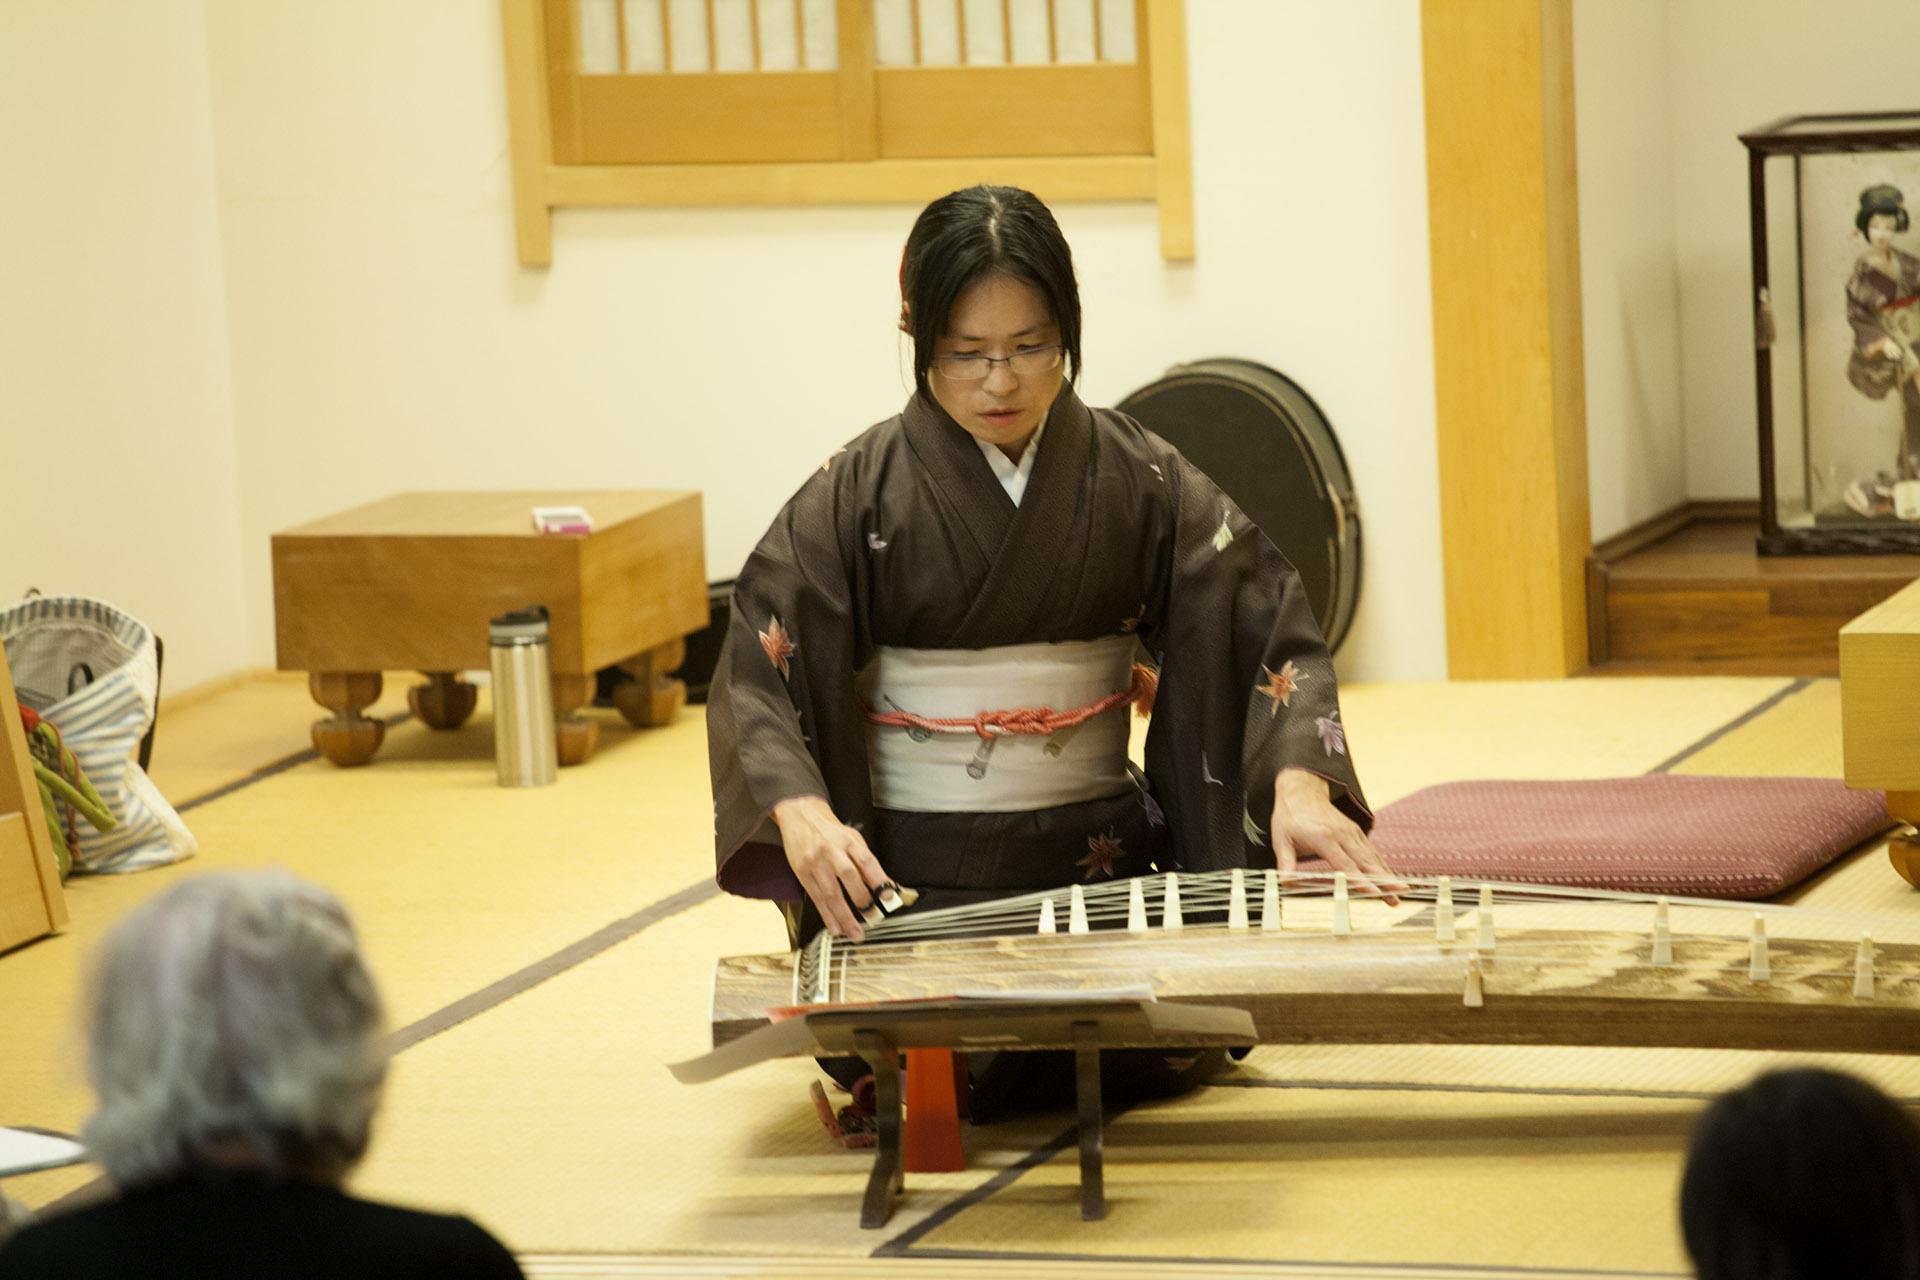 Shiho Kurauchi on koto